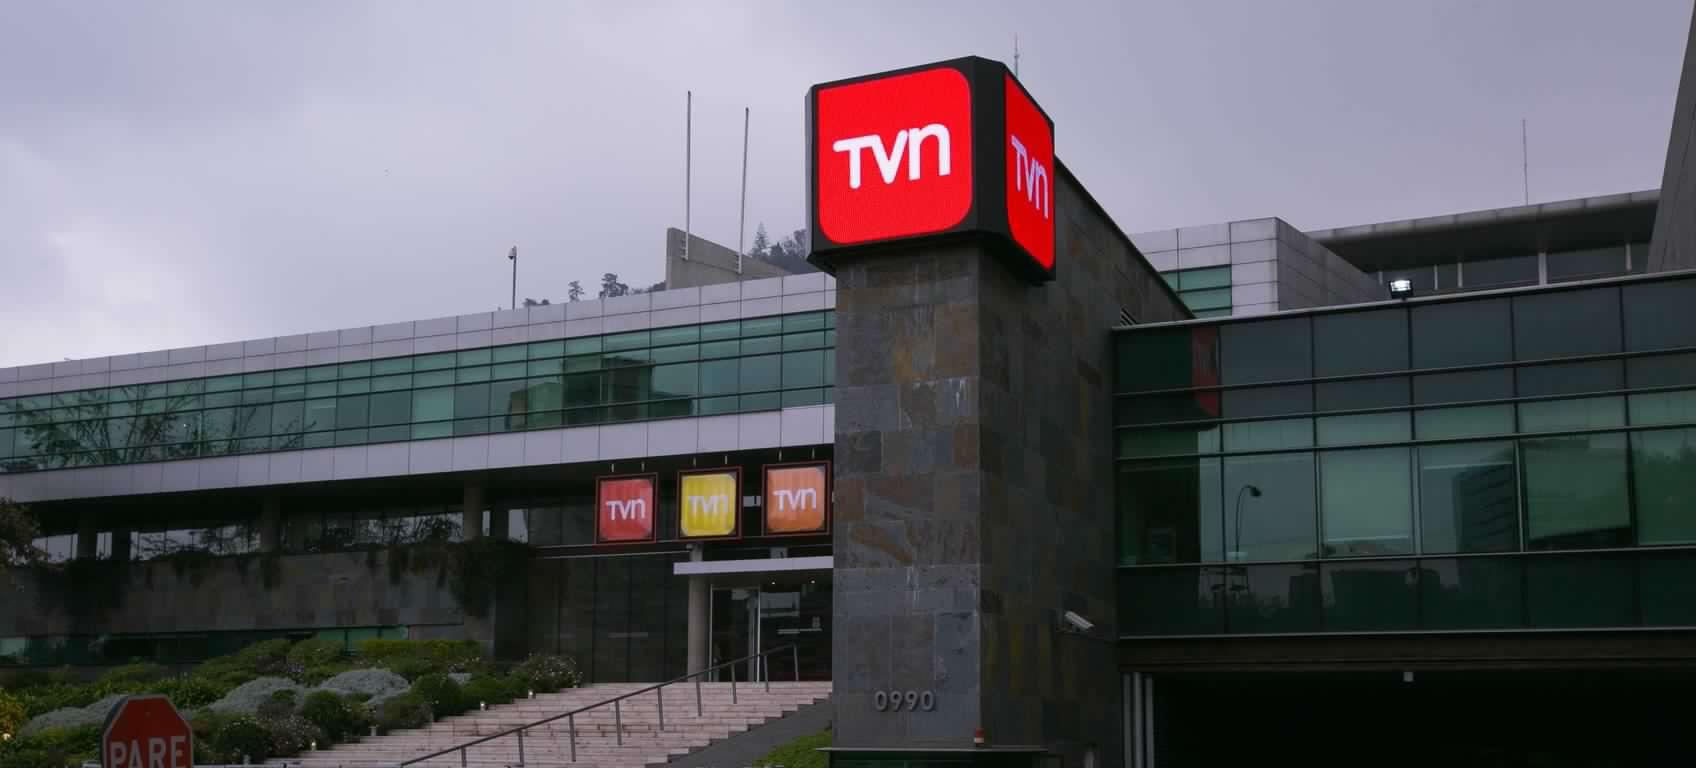 TVN: 2.500 millones de pesos como primera capitalización para superar crisis